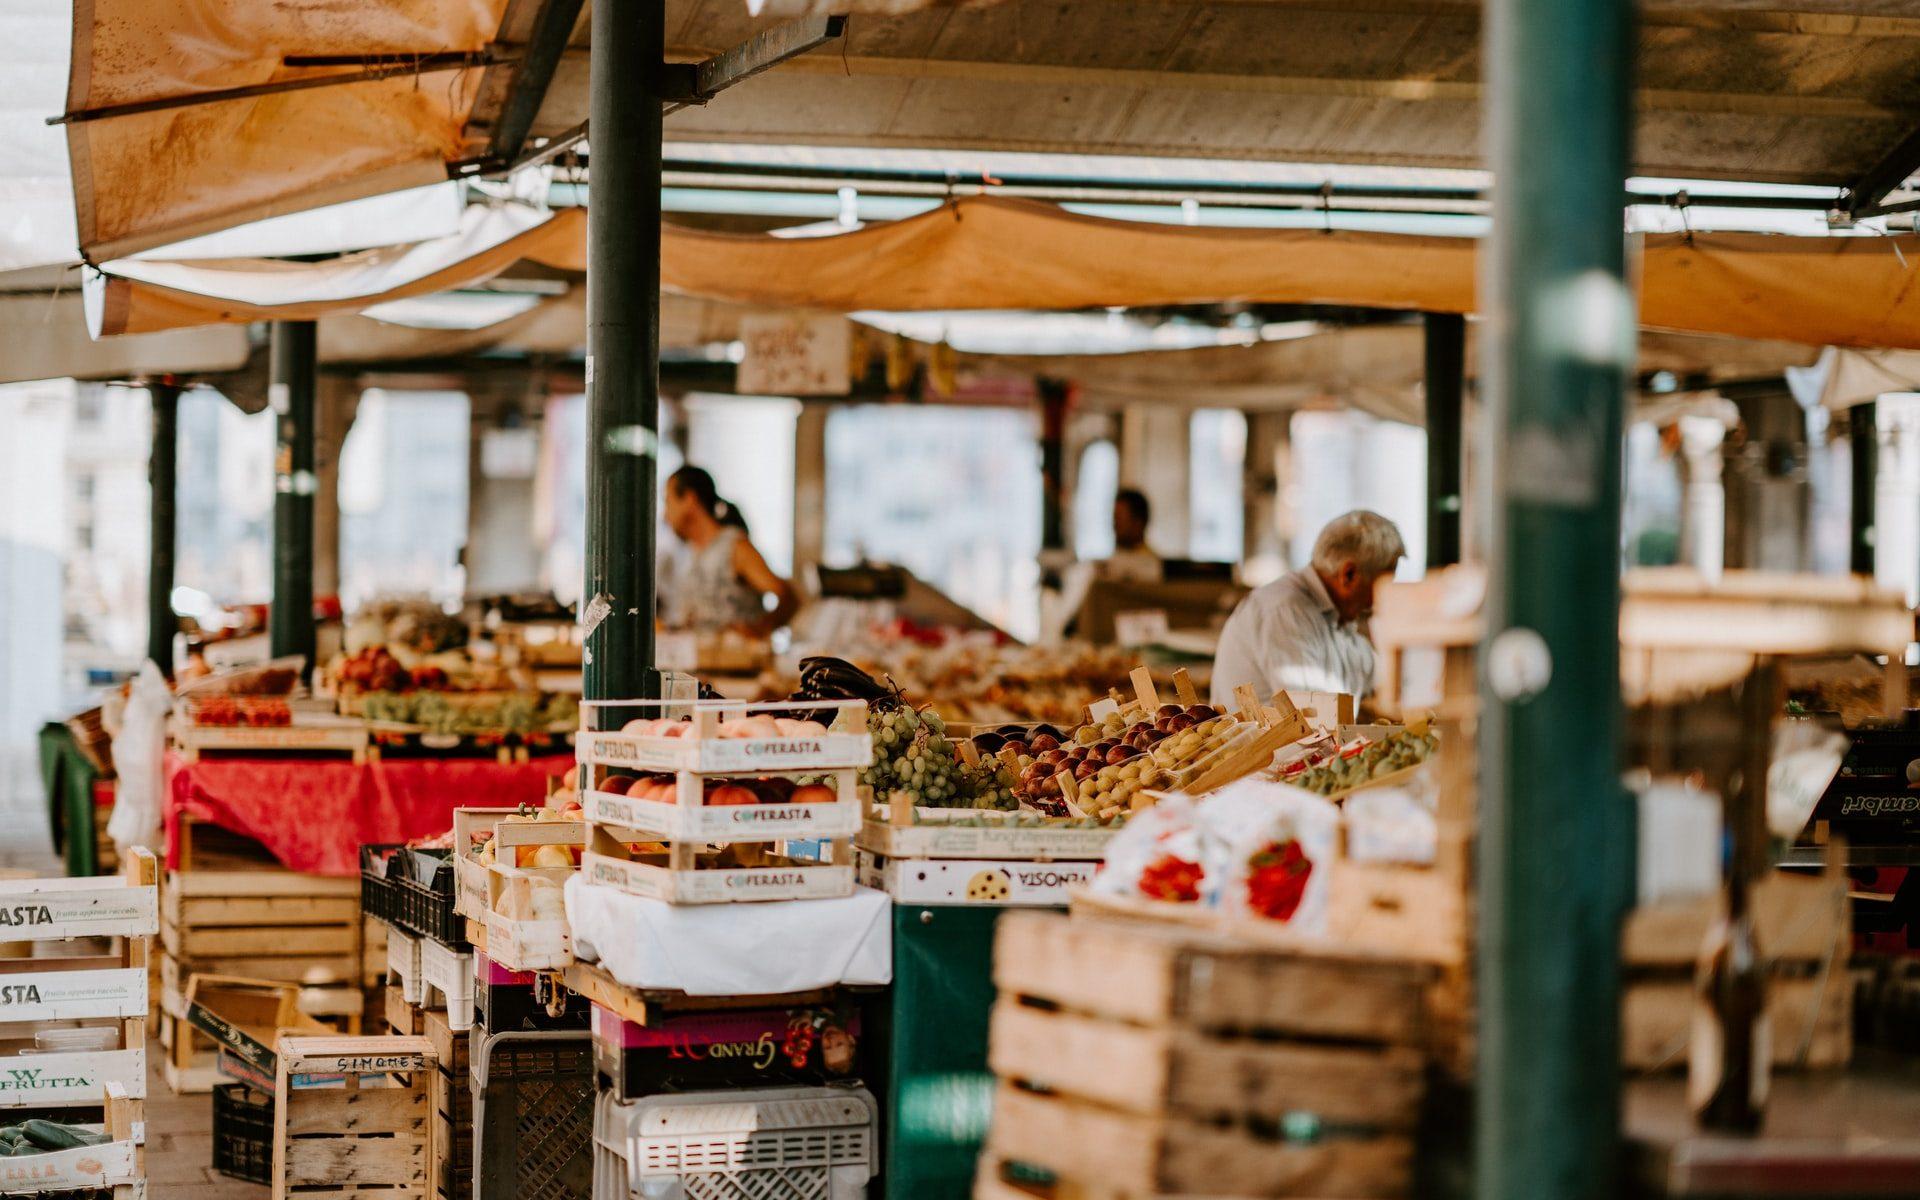 Stockage dans l'agroalimentaire: que choisir entre le métal, le plastique et le carton ?